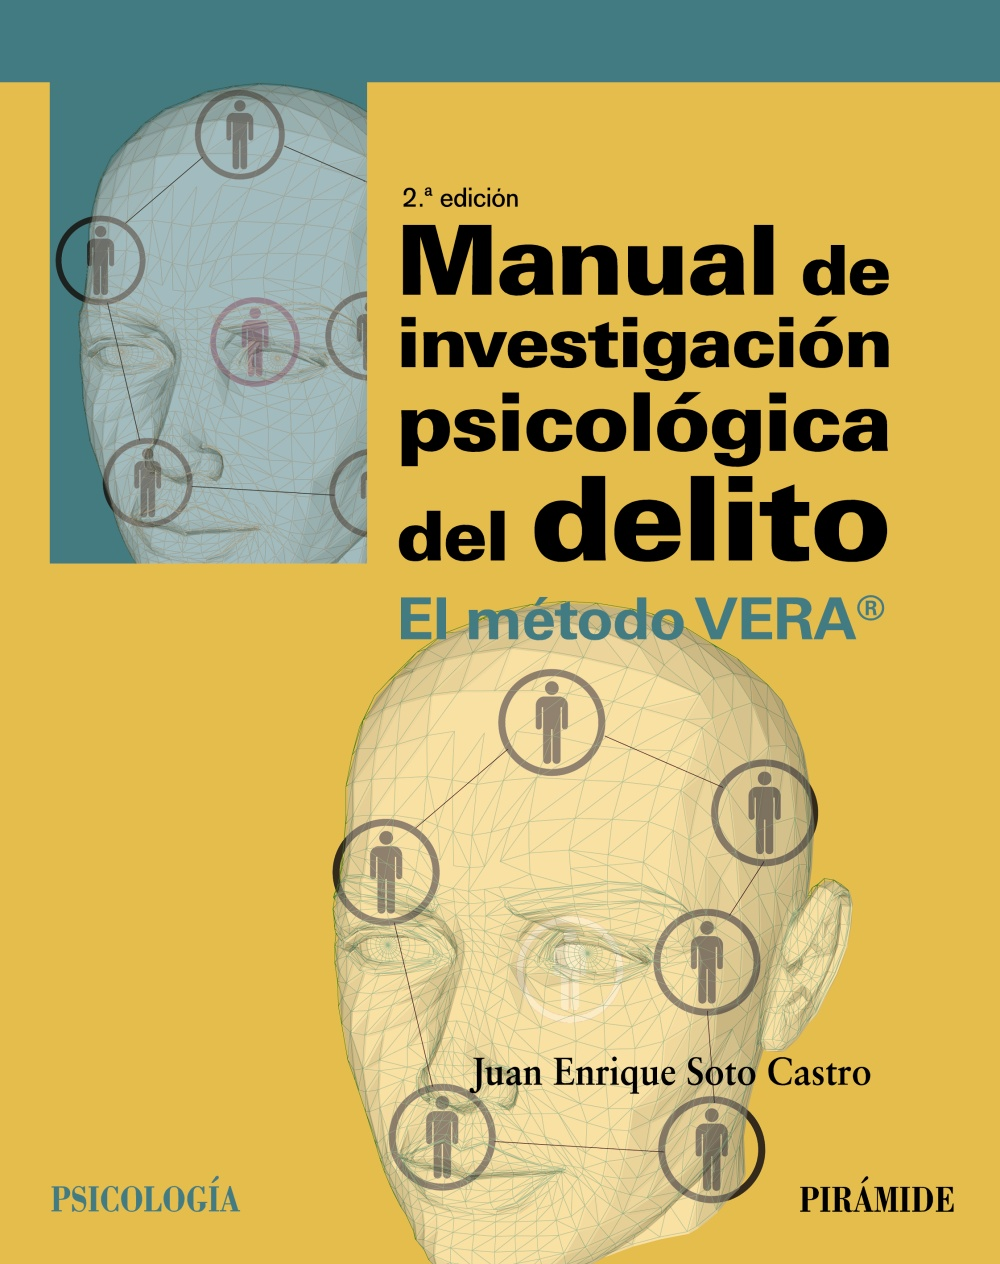 Manual de investigación psicológica del delito (ebook)